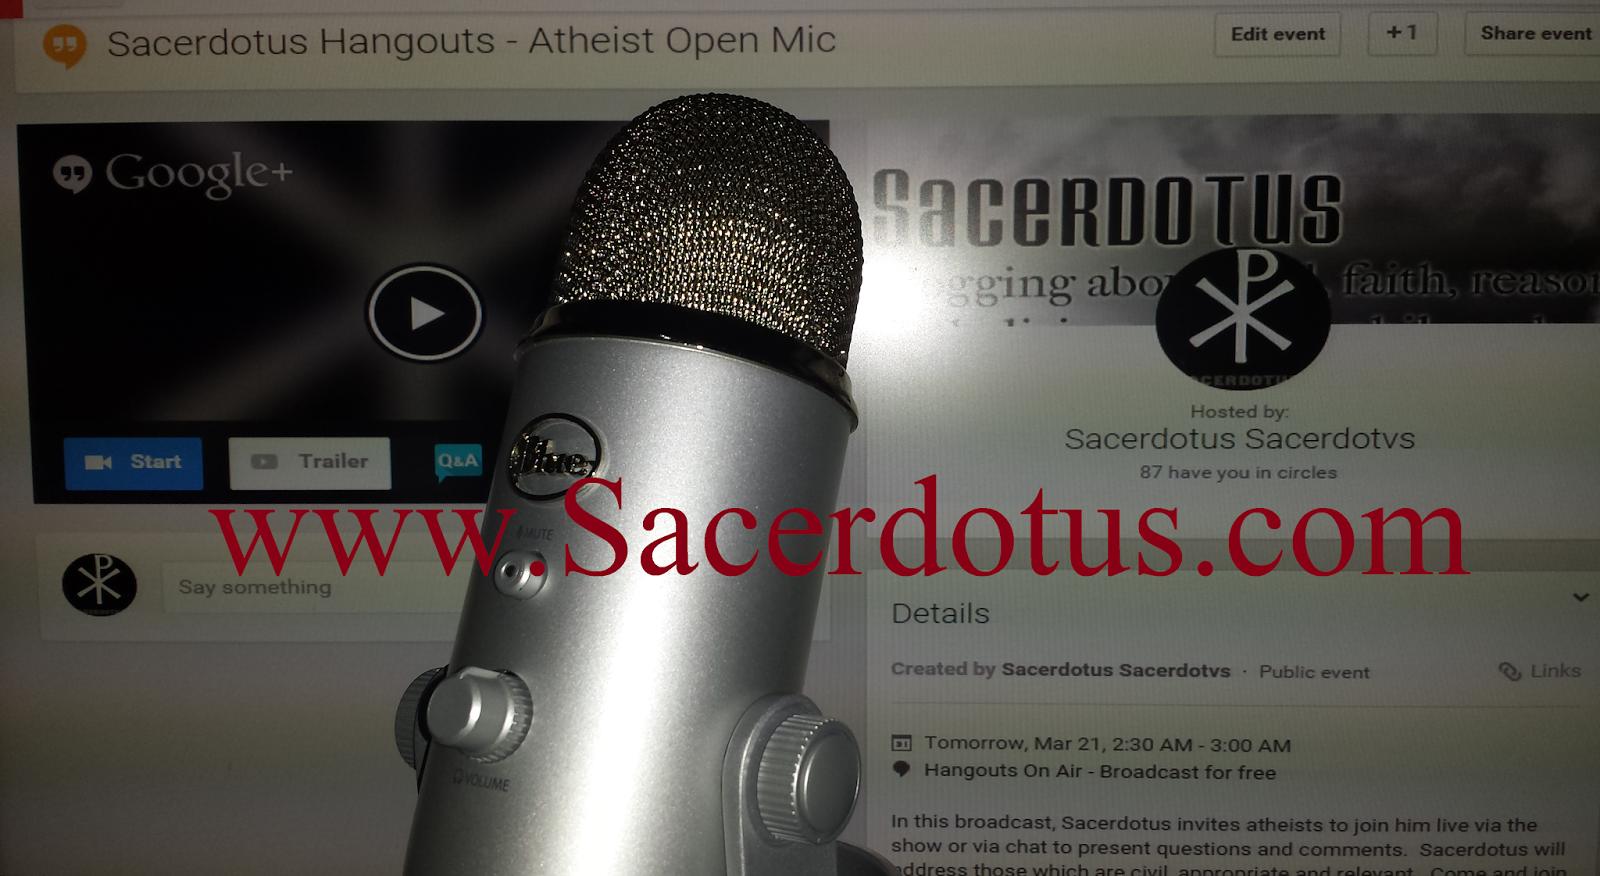 Sacerdotus: Sacerdotus Hangouts: Atheist Open Mic